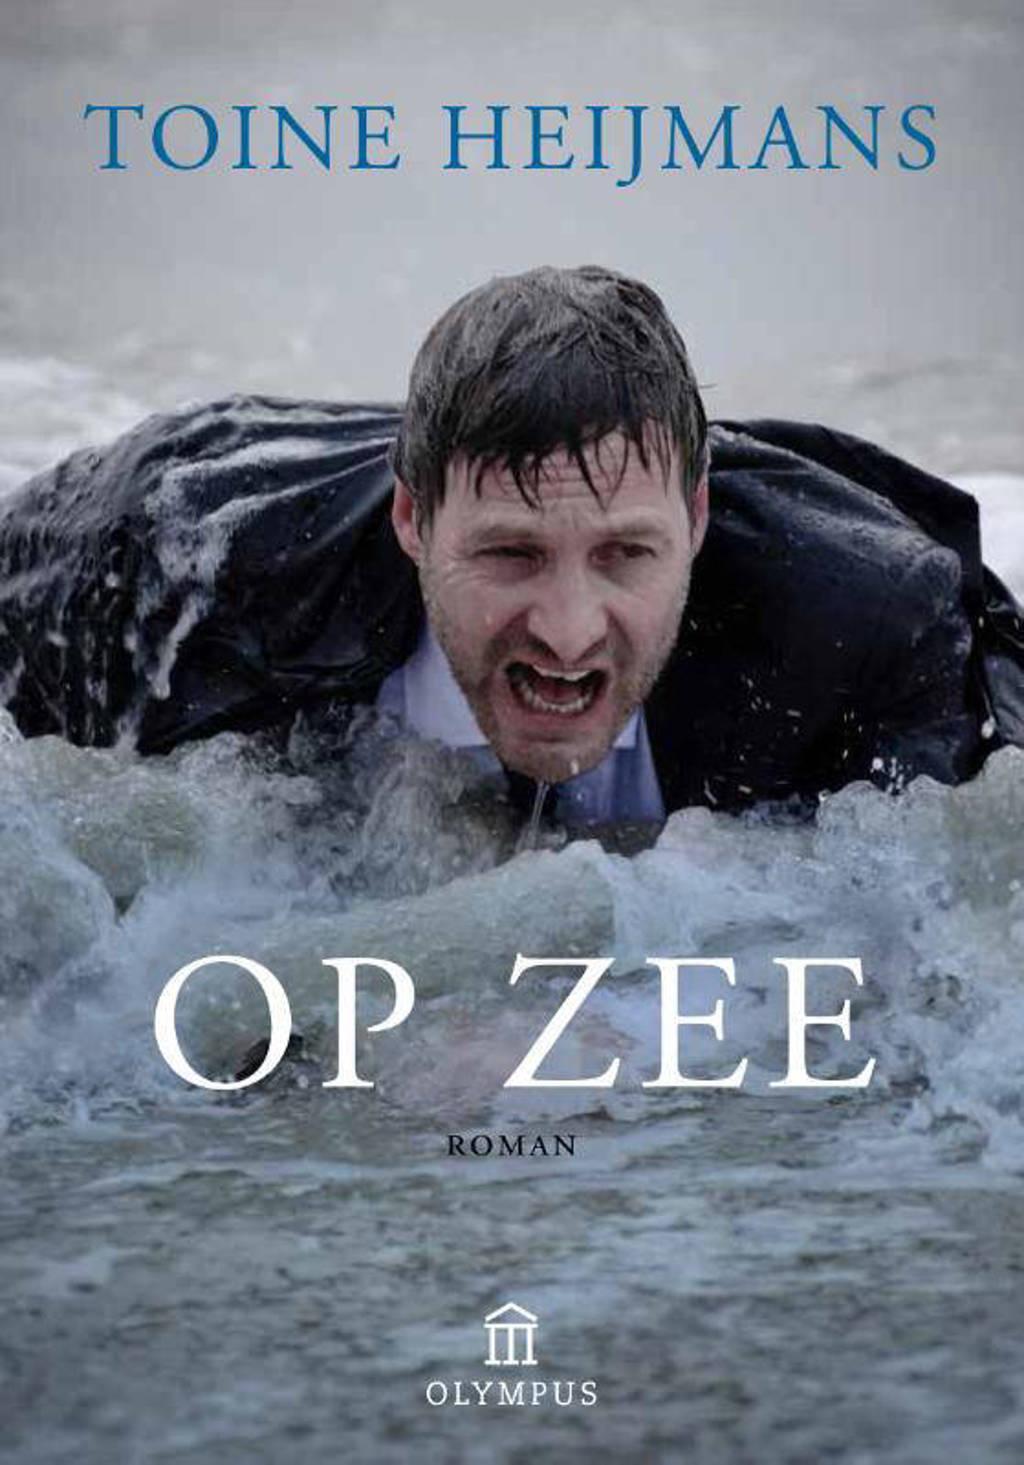 Op zee - Toine Heijmans